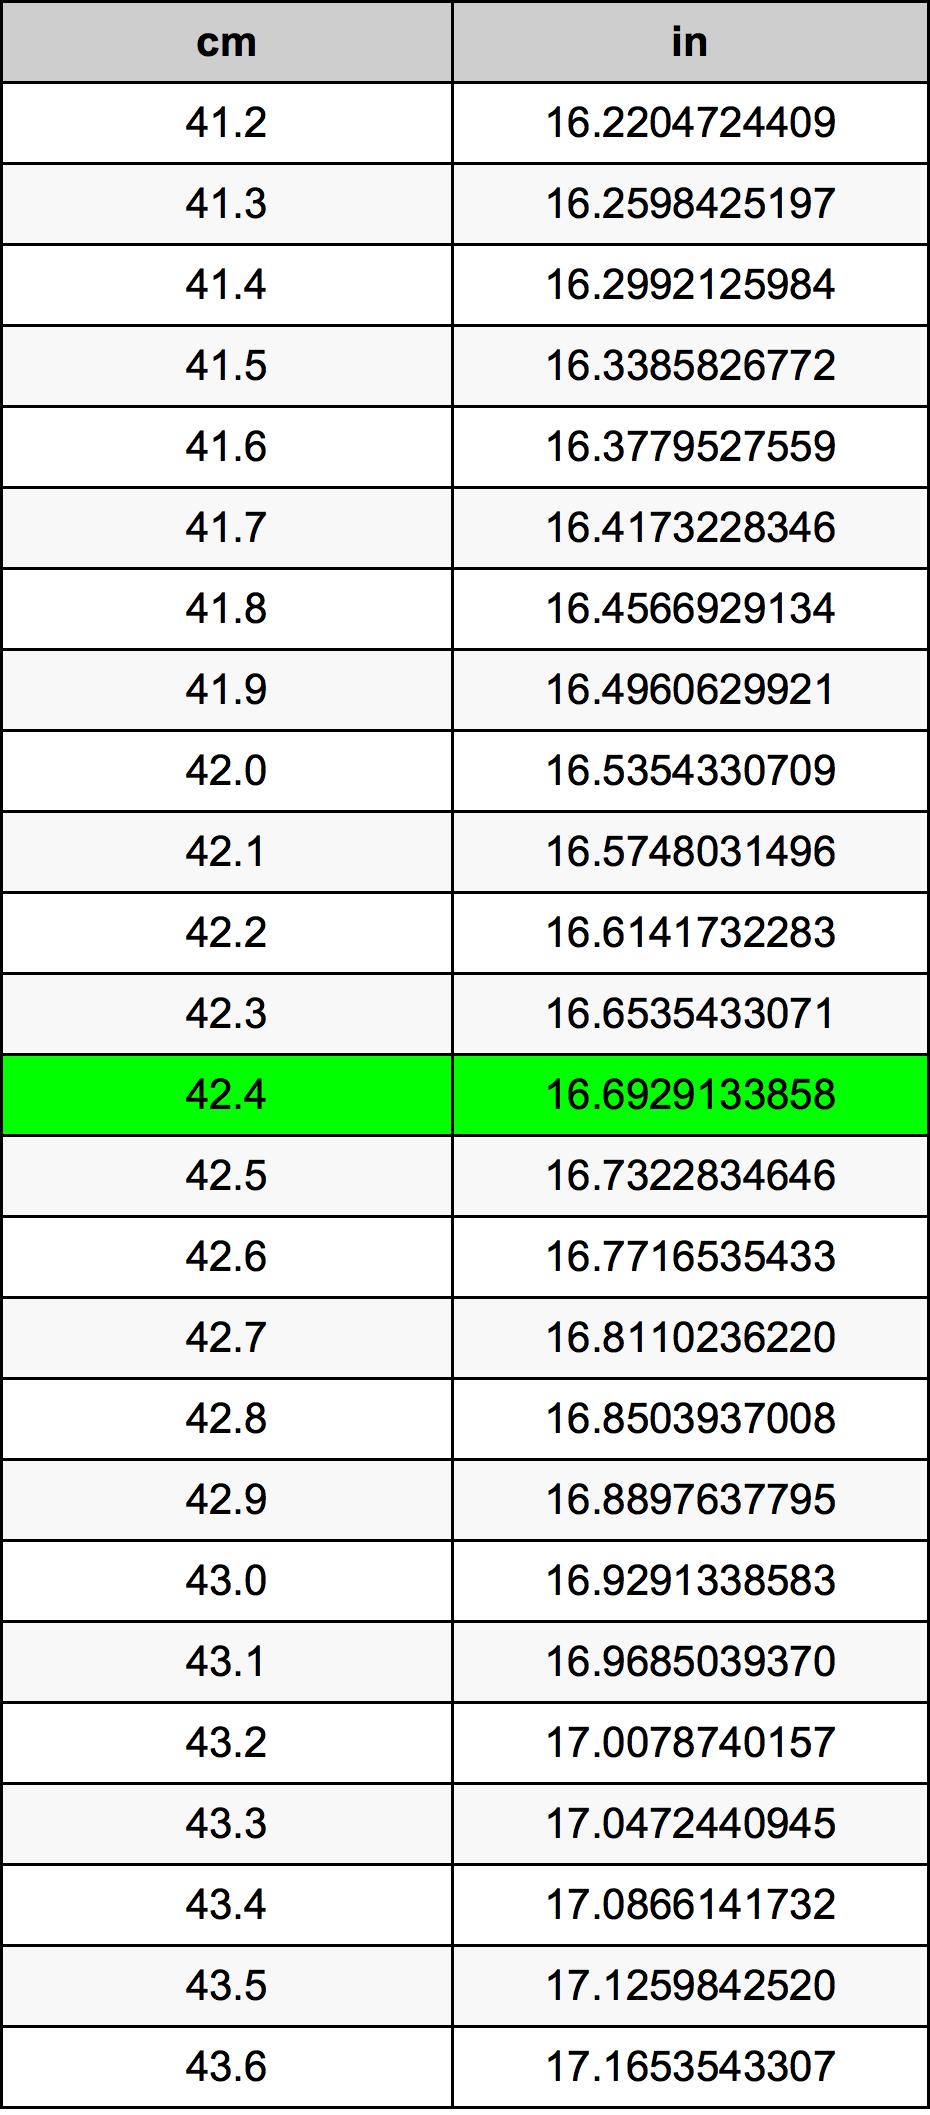 42.4 сантиметр Таблиця перетворення